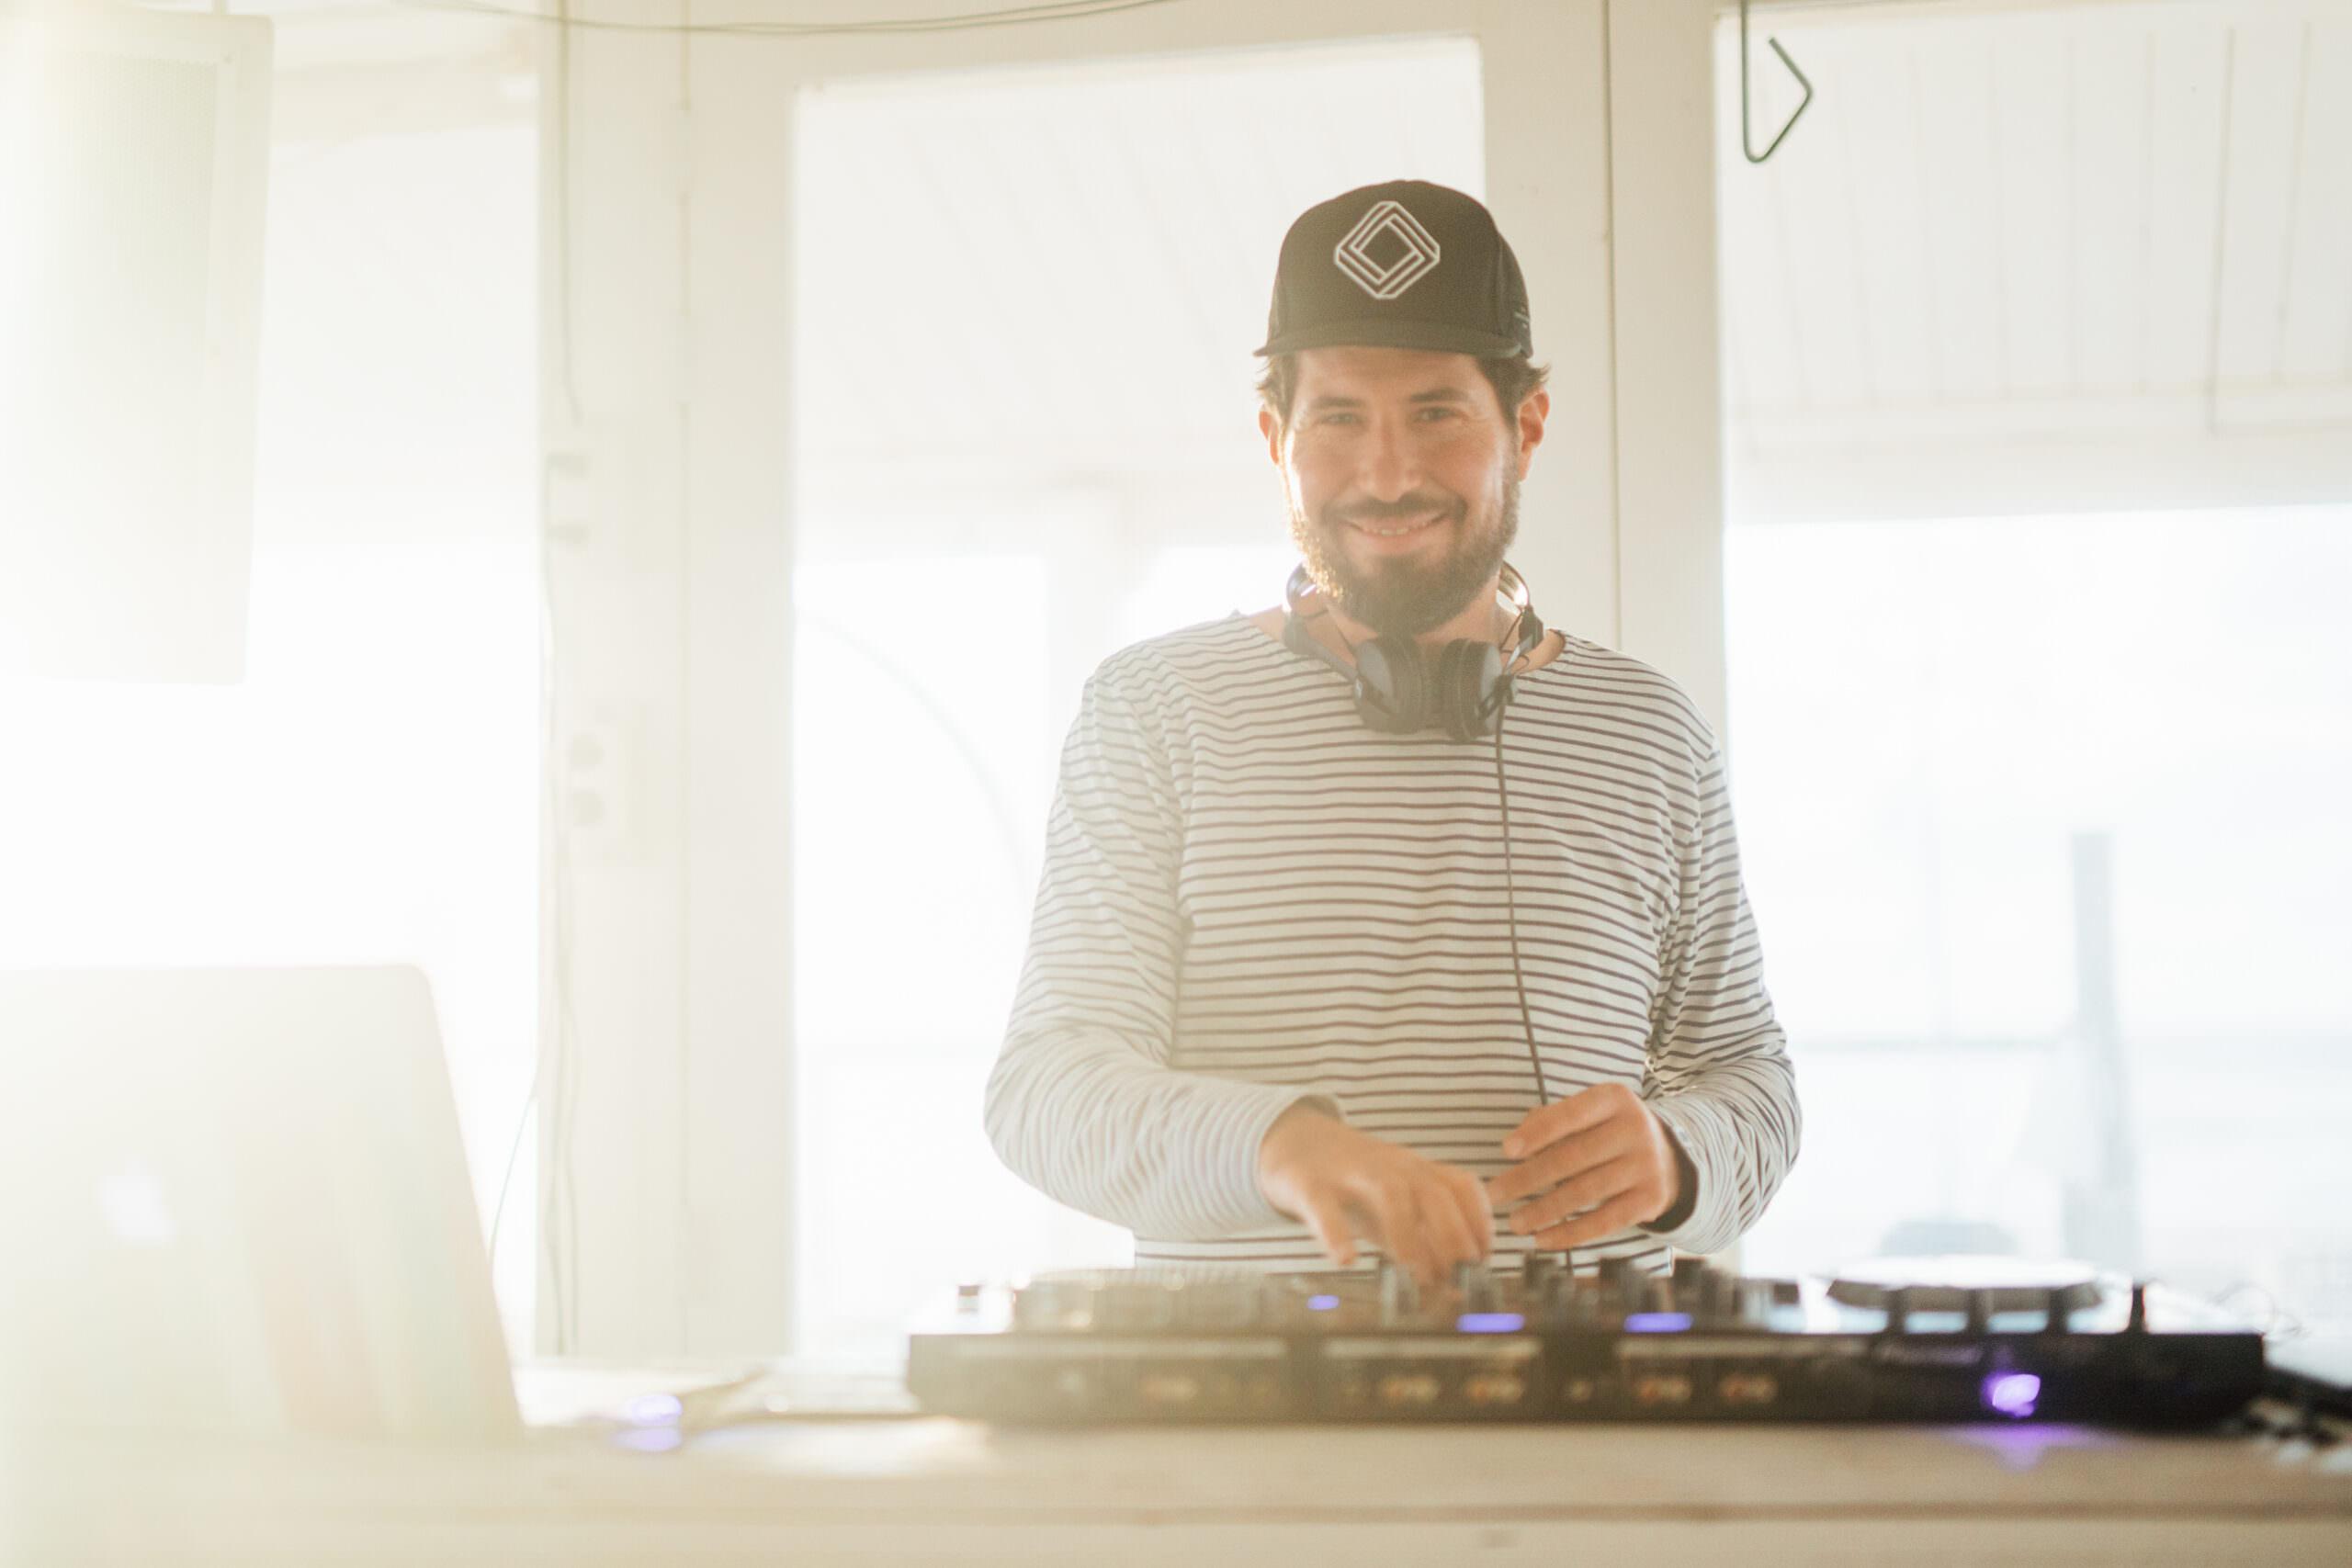 Hochzeits- und Event-DJ Markus Rosenbaum hinter dem Mischpult